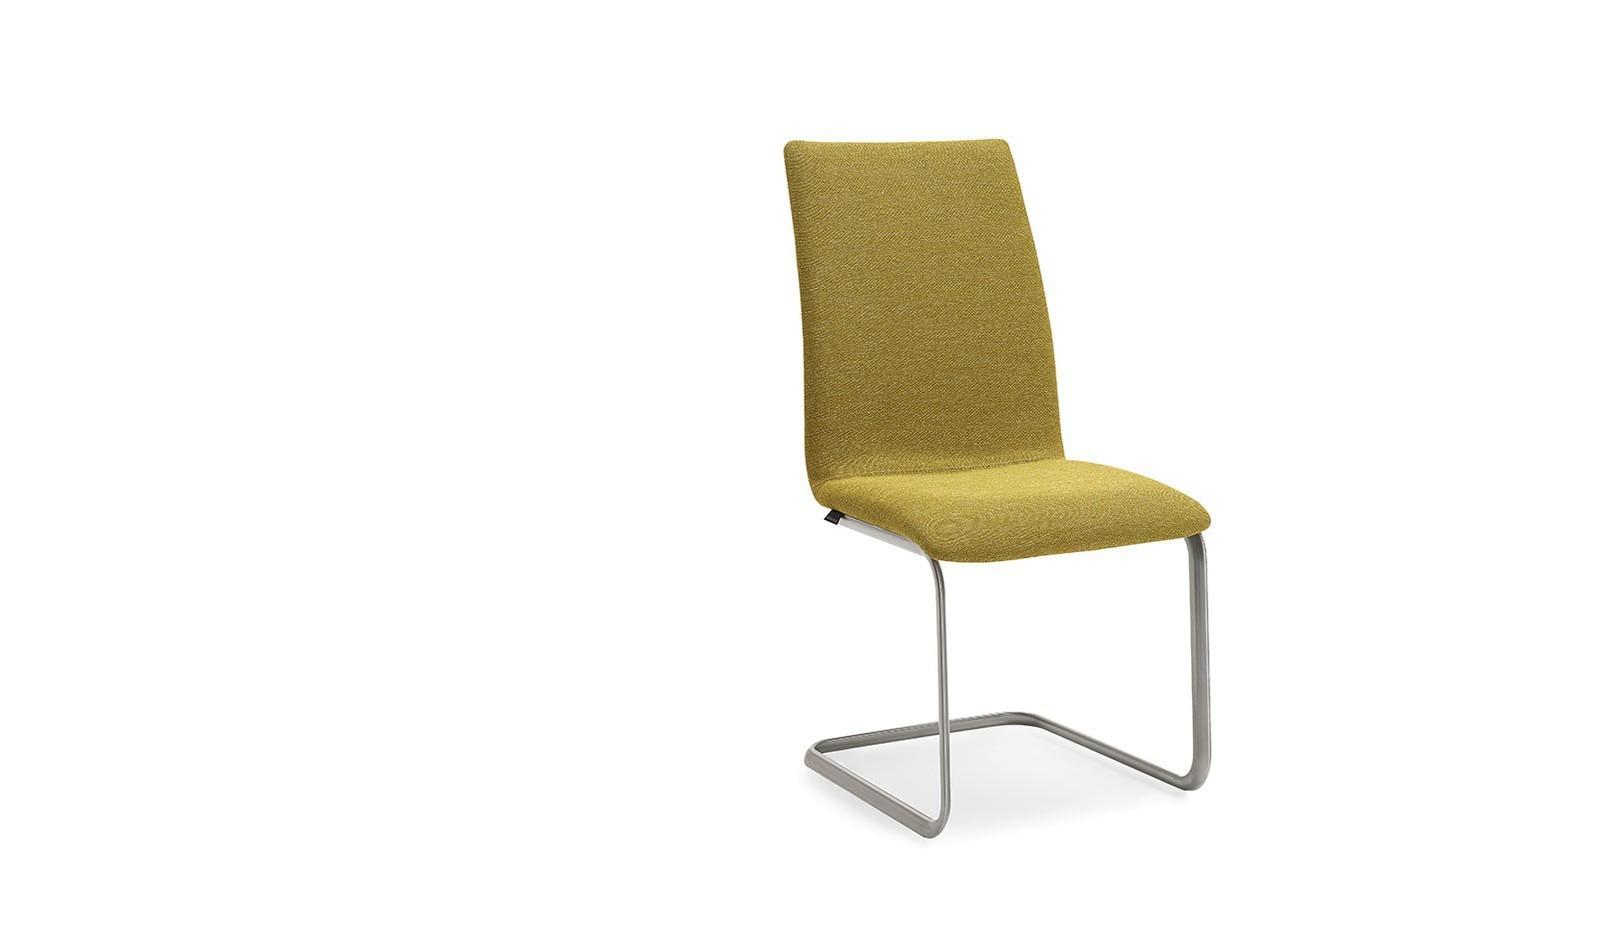 venjakob stuhl eileen 2601 stoffgruppe b. Black Bedroom Furniture Sets. Home Design Ideas